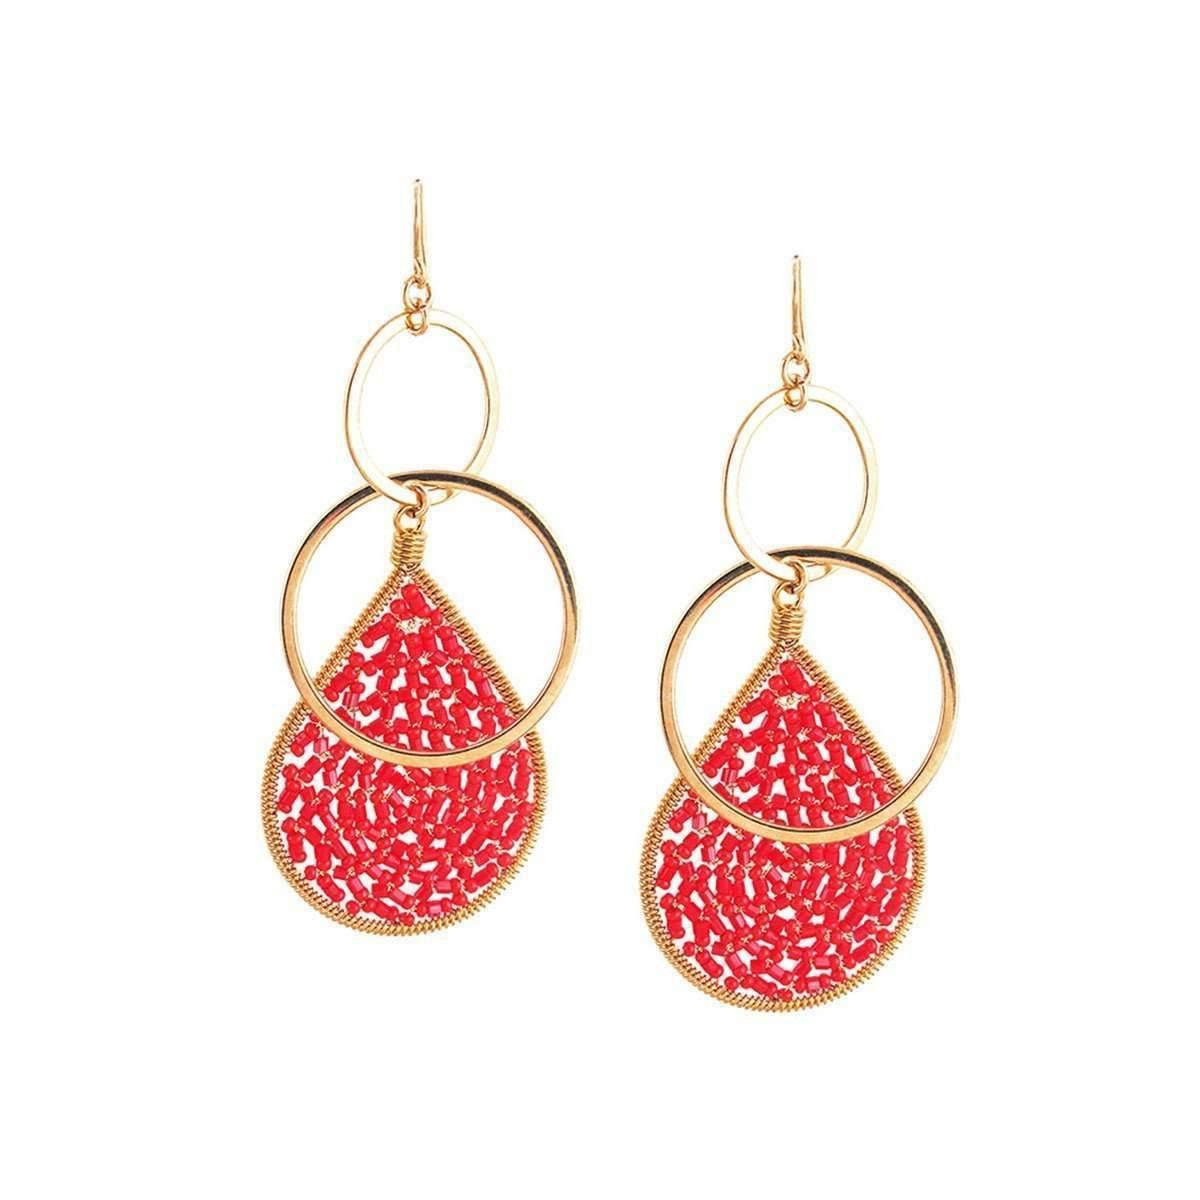 Devon Leigh Red Teardrop Chandelier Earrings Fiog02